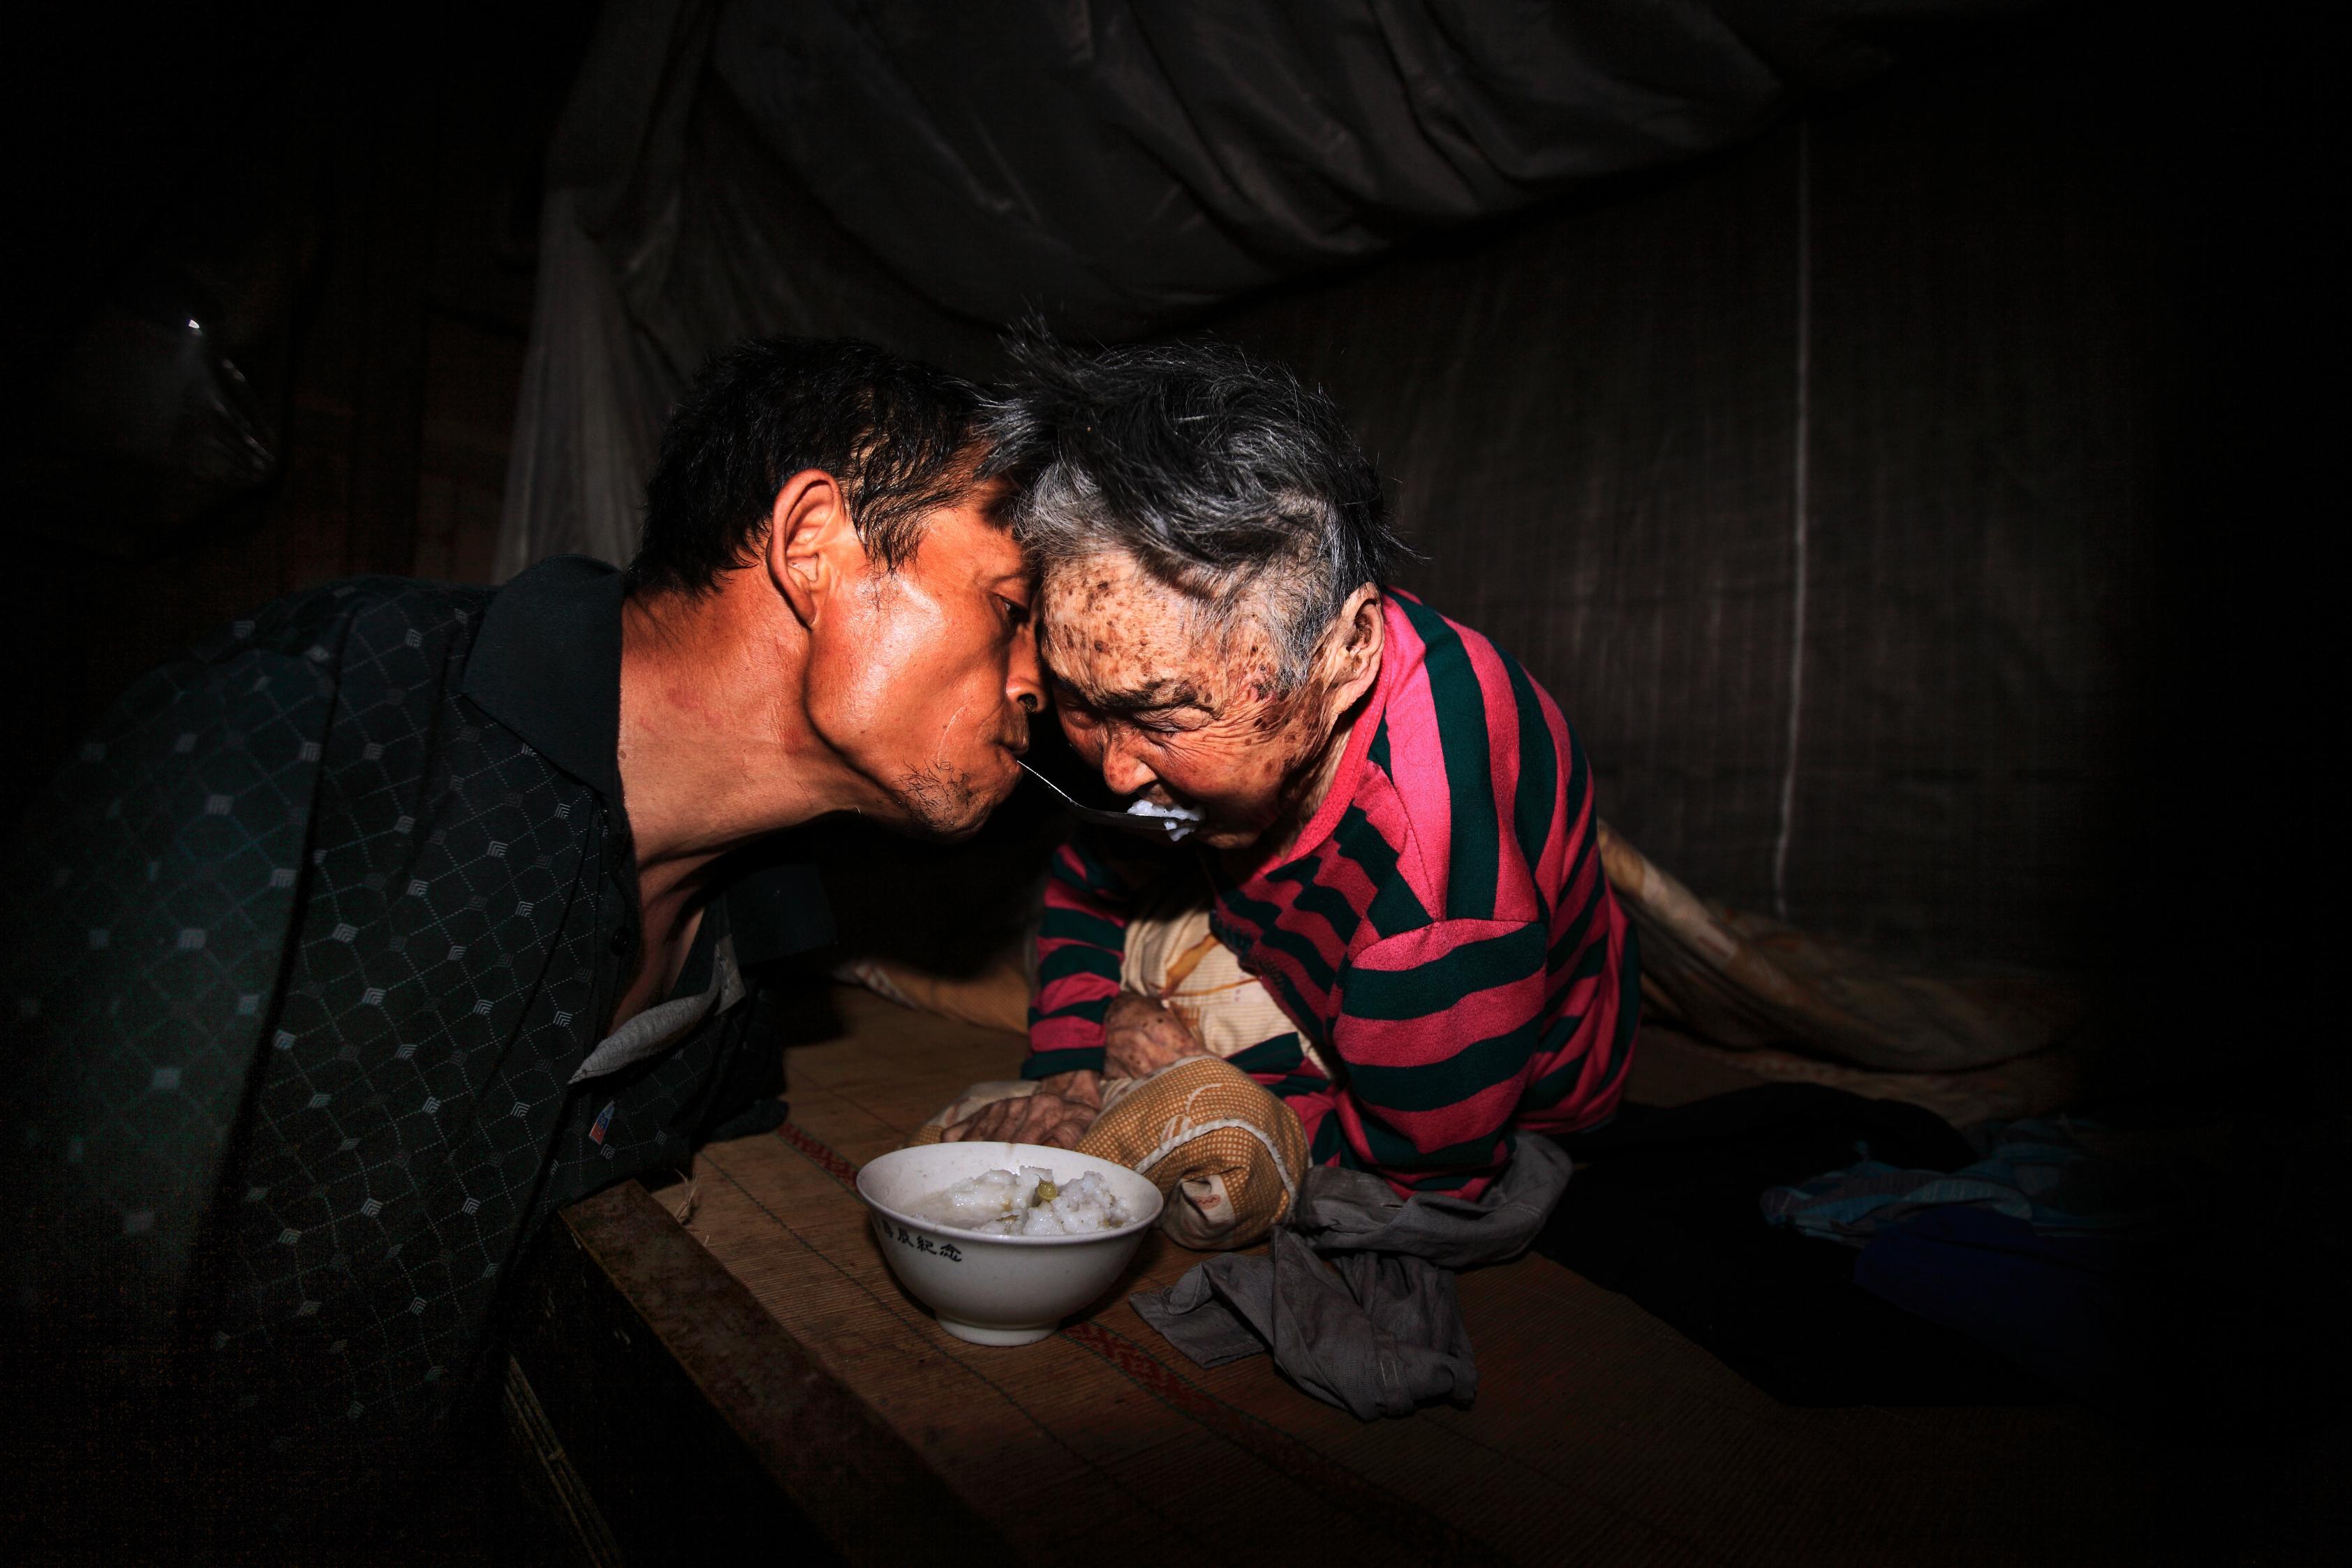 hk_c_高志向  無臂男子陳星銀含勺喂母,孝心感功,被評為中國十大好人之一。.jpg